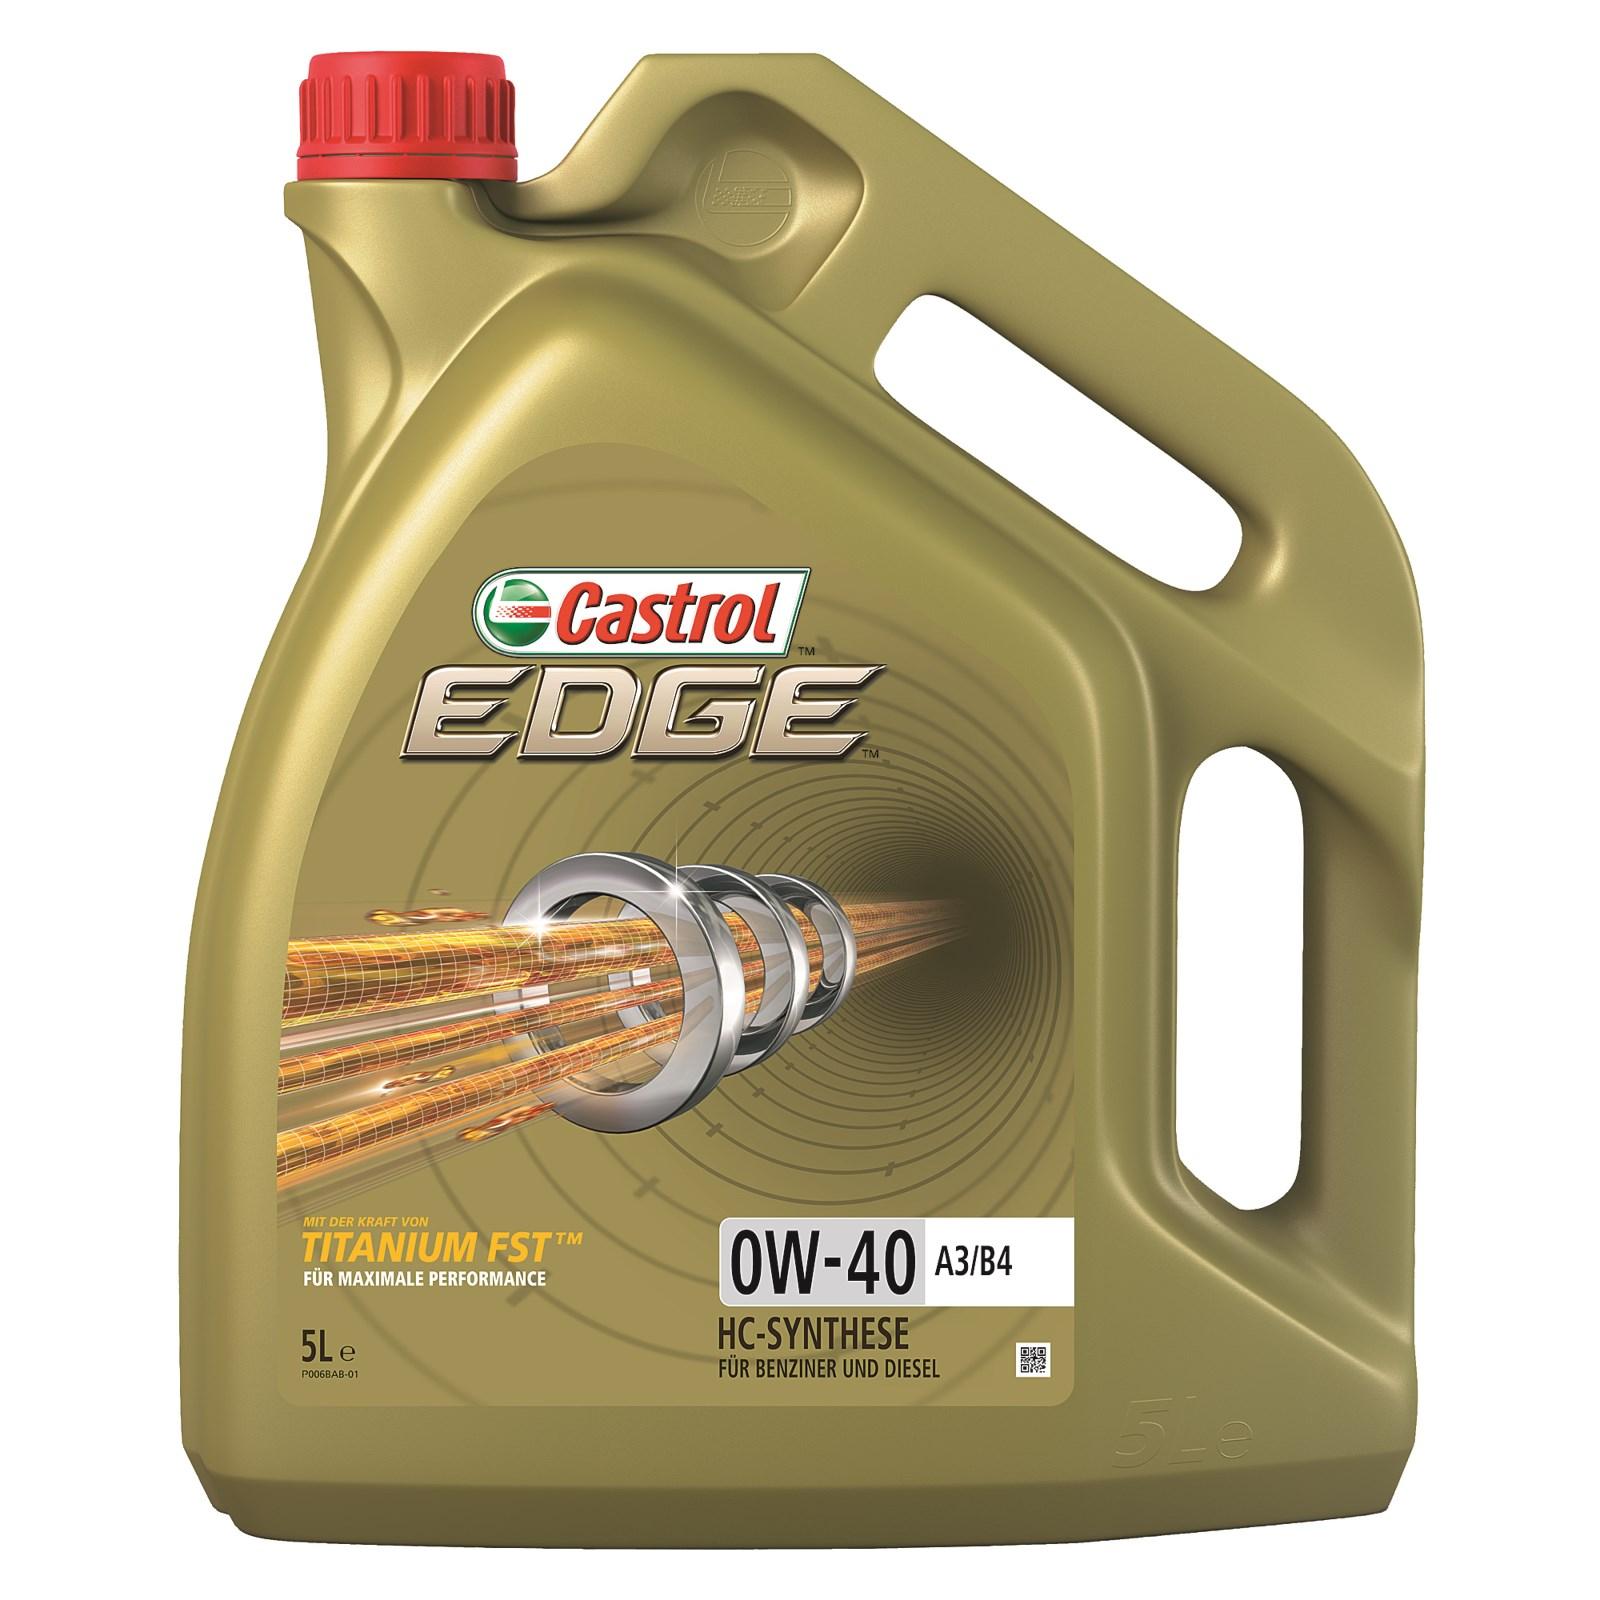 5 l liter castrol edge titanium fst 0w 40 a3 b4 motor l motoren l 31278489 hochleistungs l mit der st rke von titanium fst